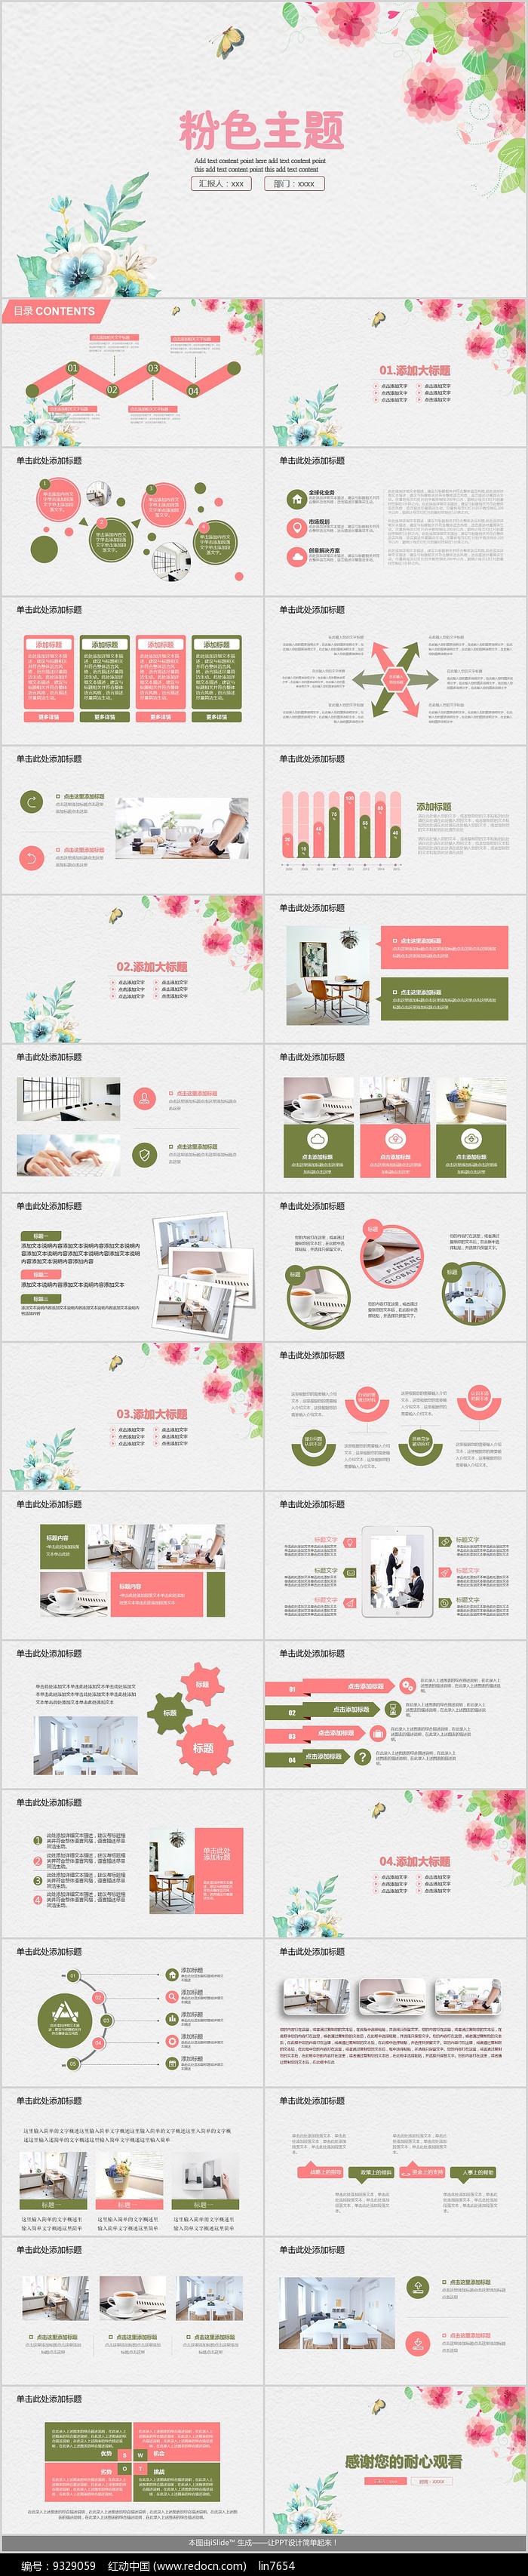 粉色主题工作计划PPT模板图片